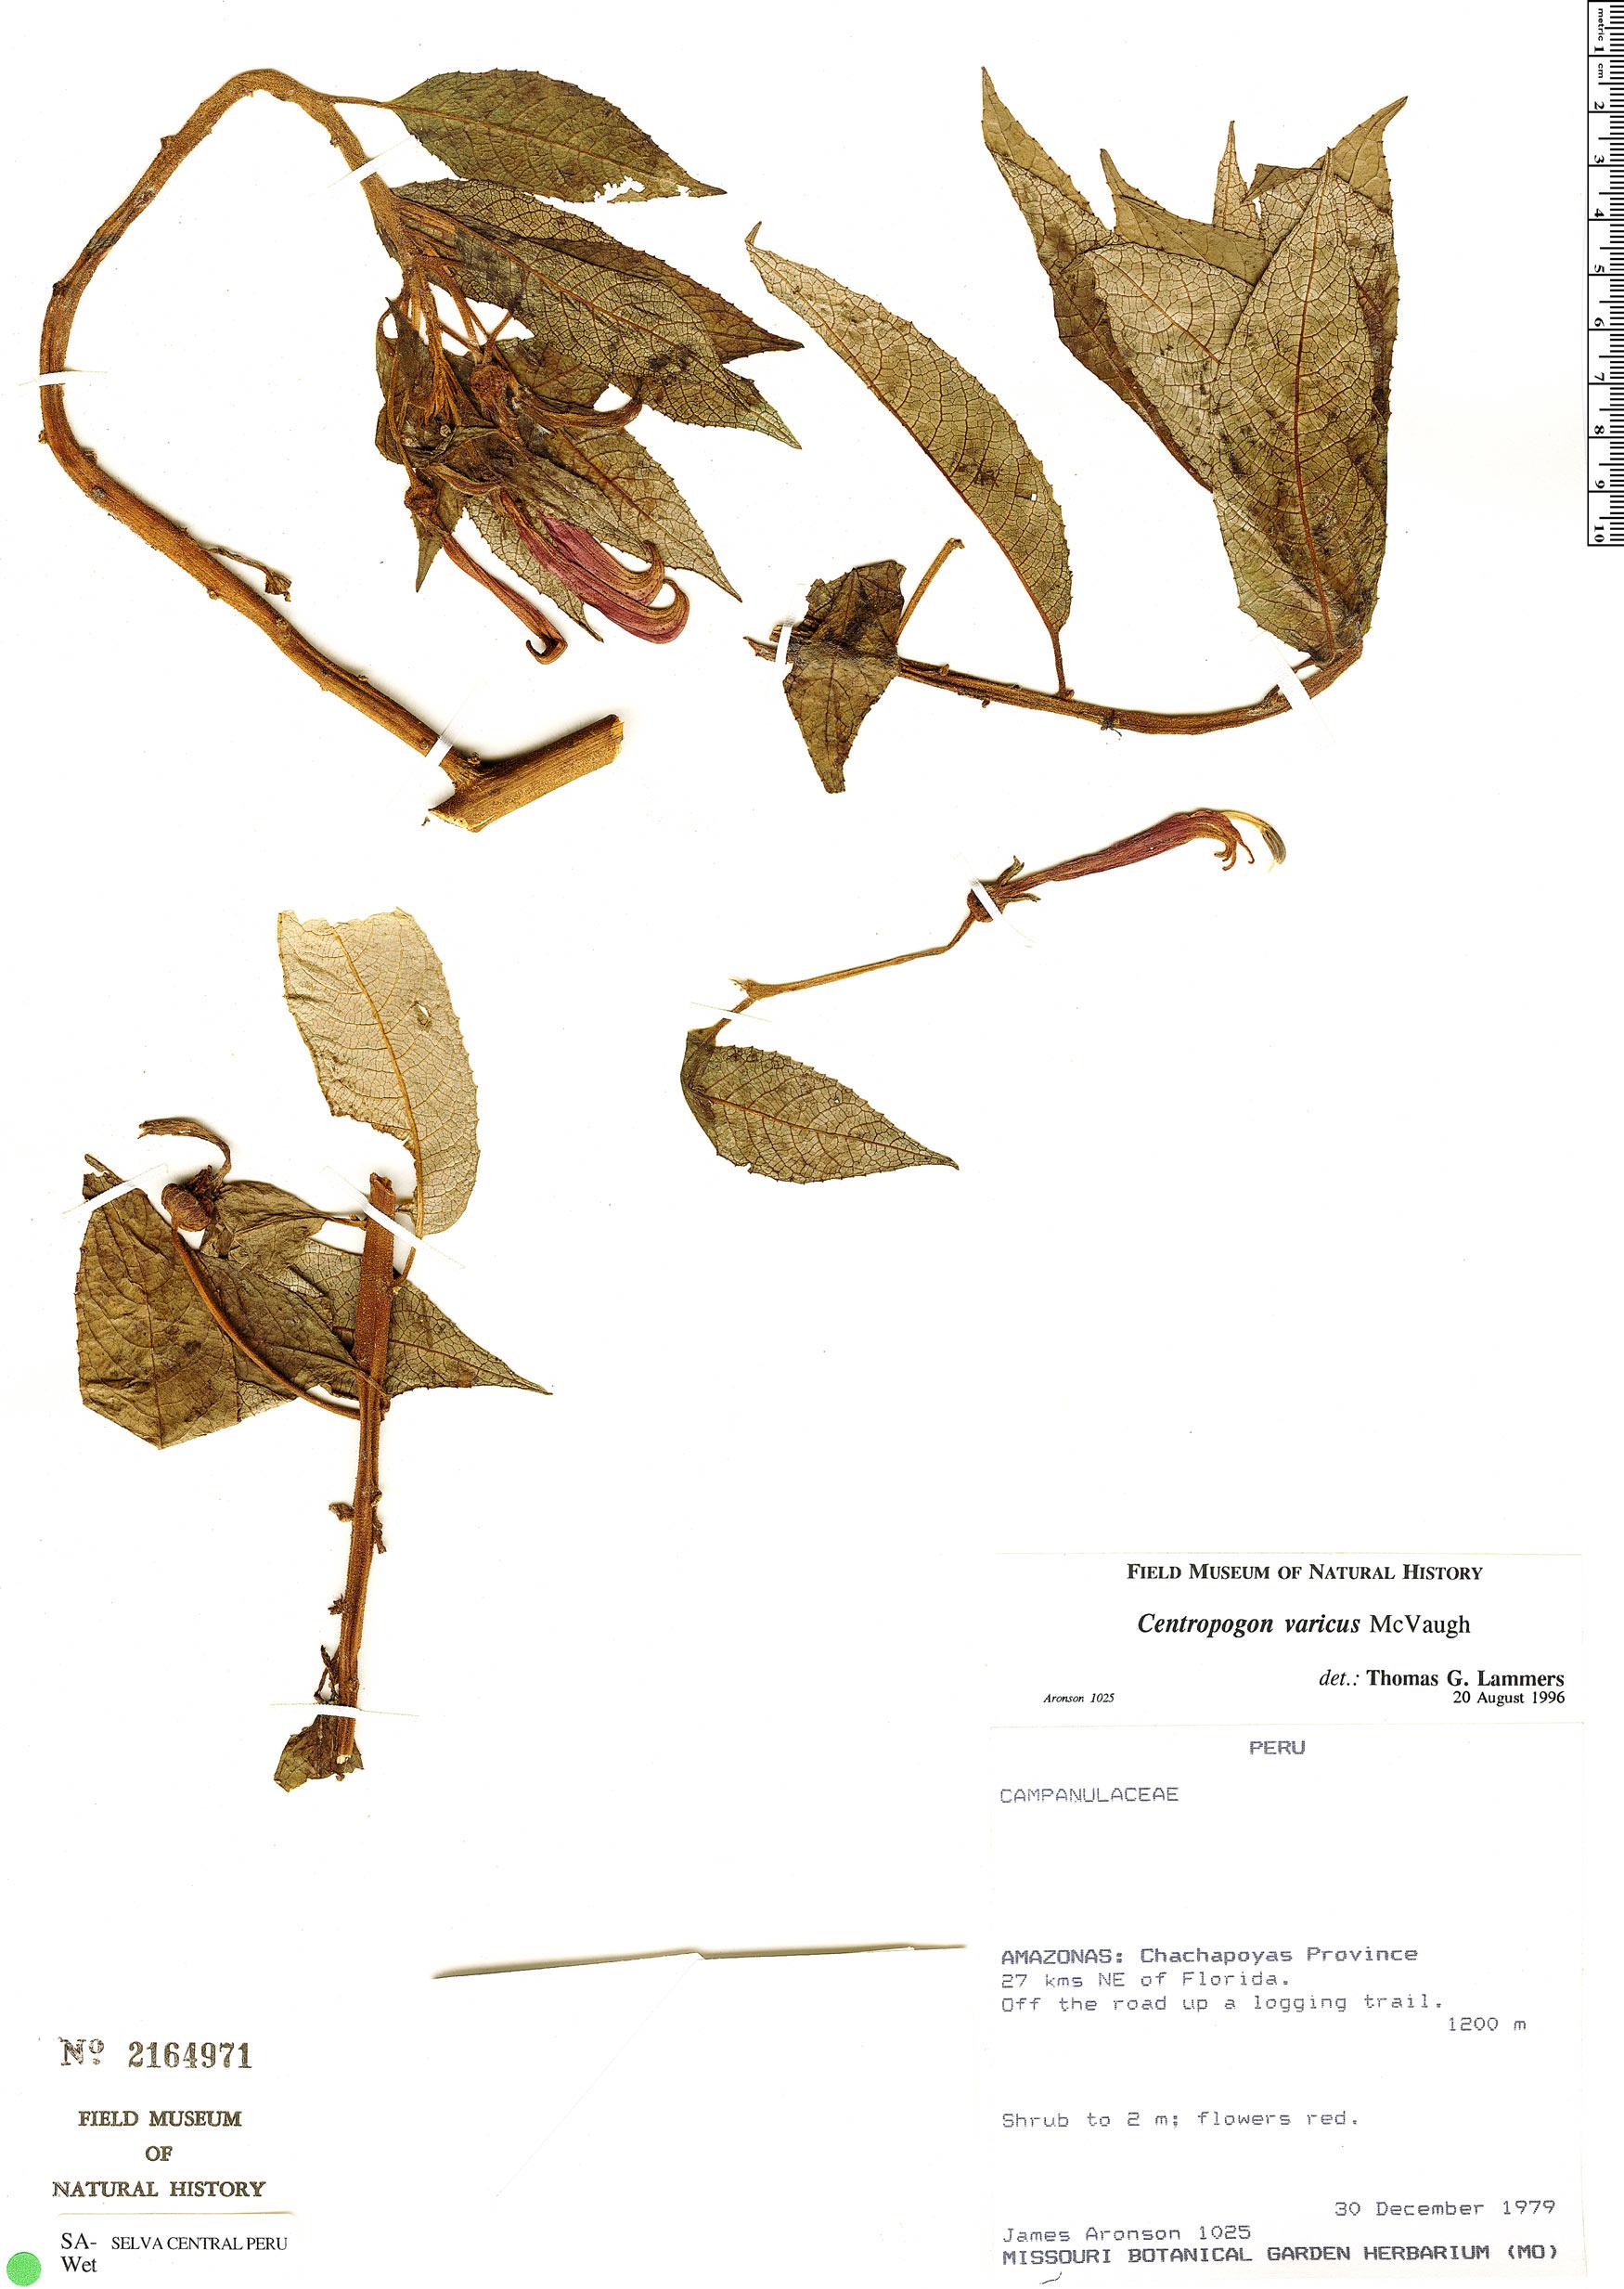 Specimen: Centropogon varicus